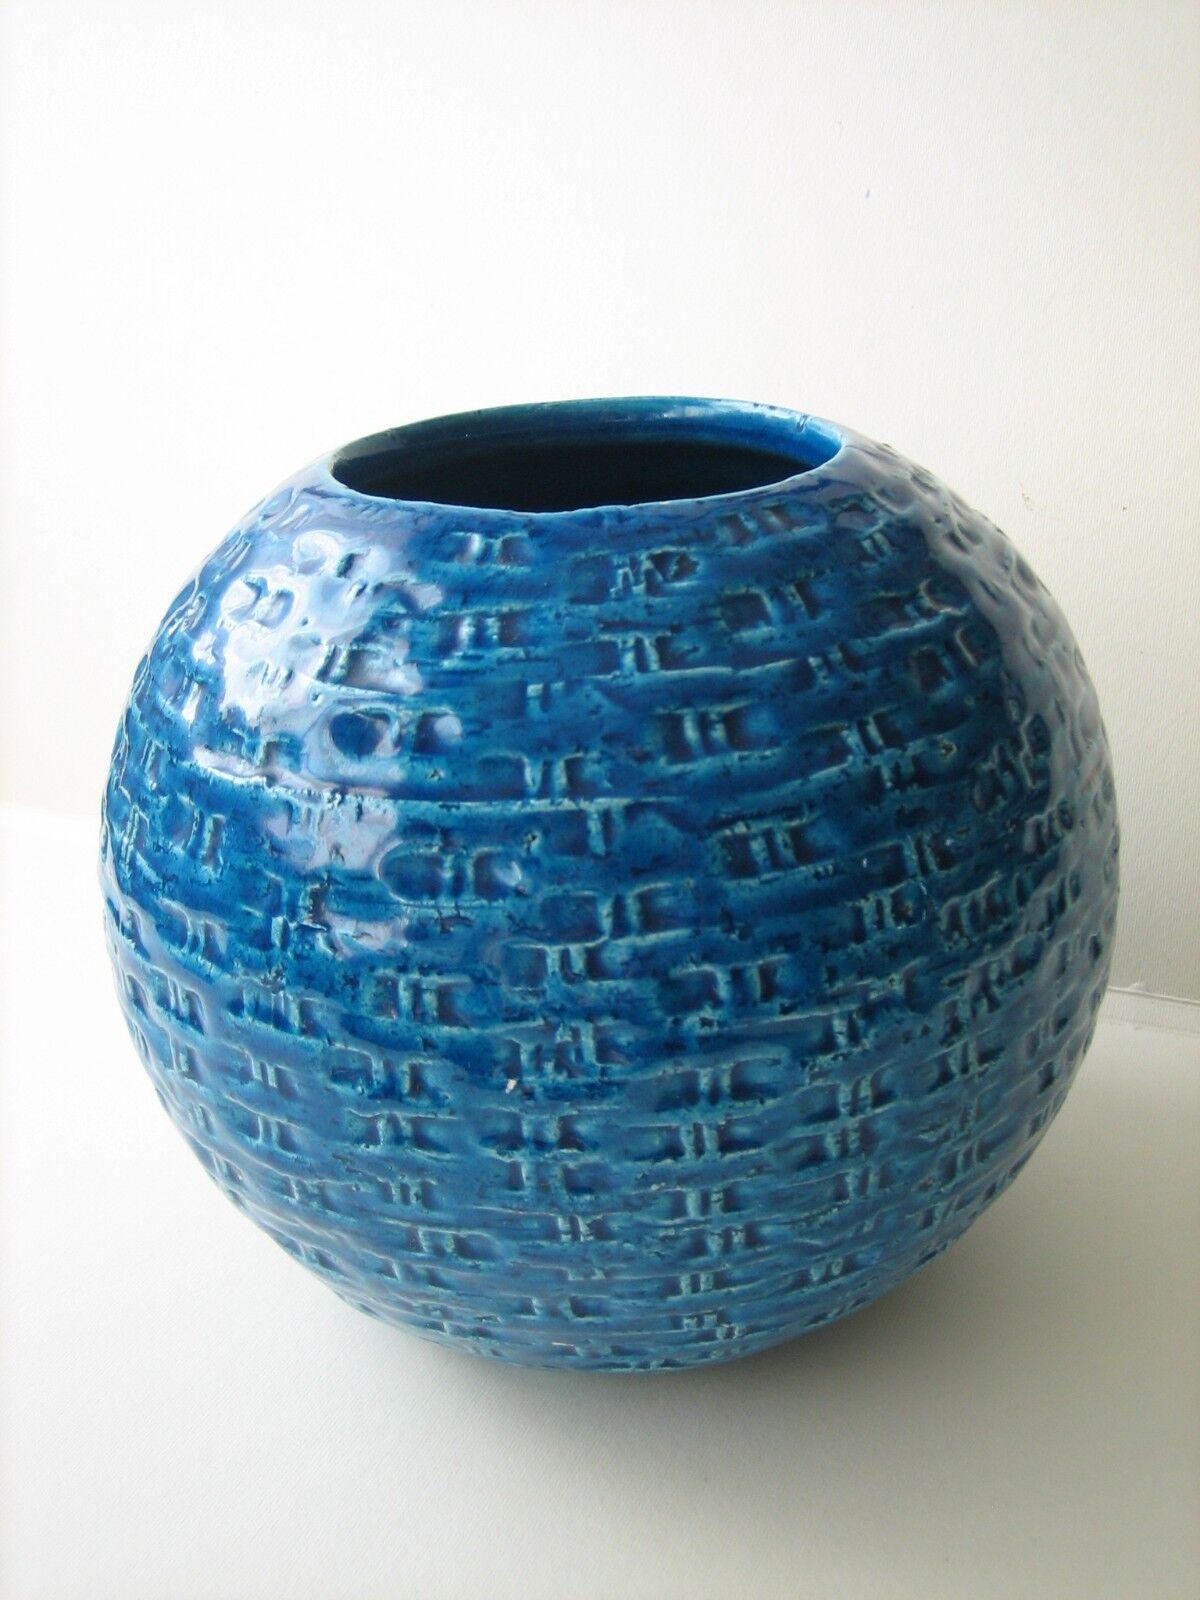 Aldo Londi Flavia Bitossi  Montelupo Firenze vaso ceramica sferico  blu